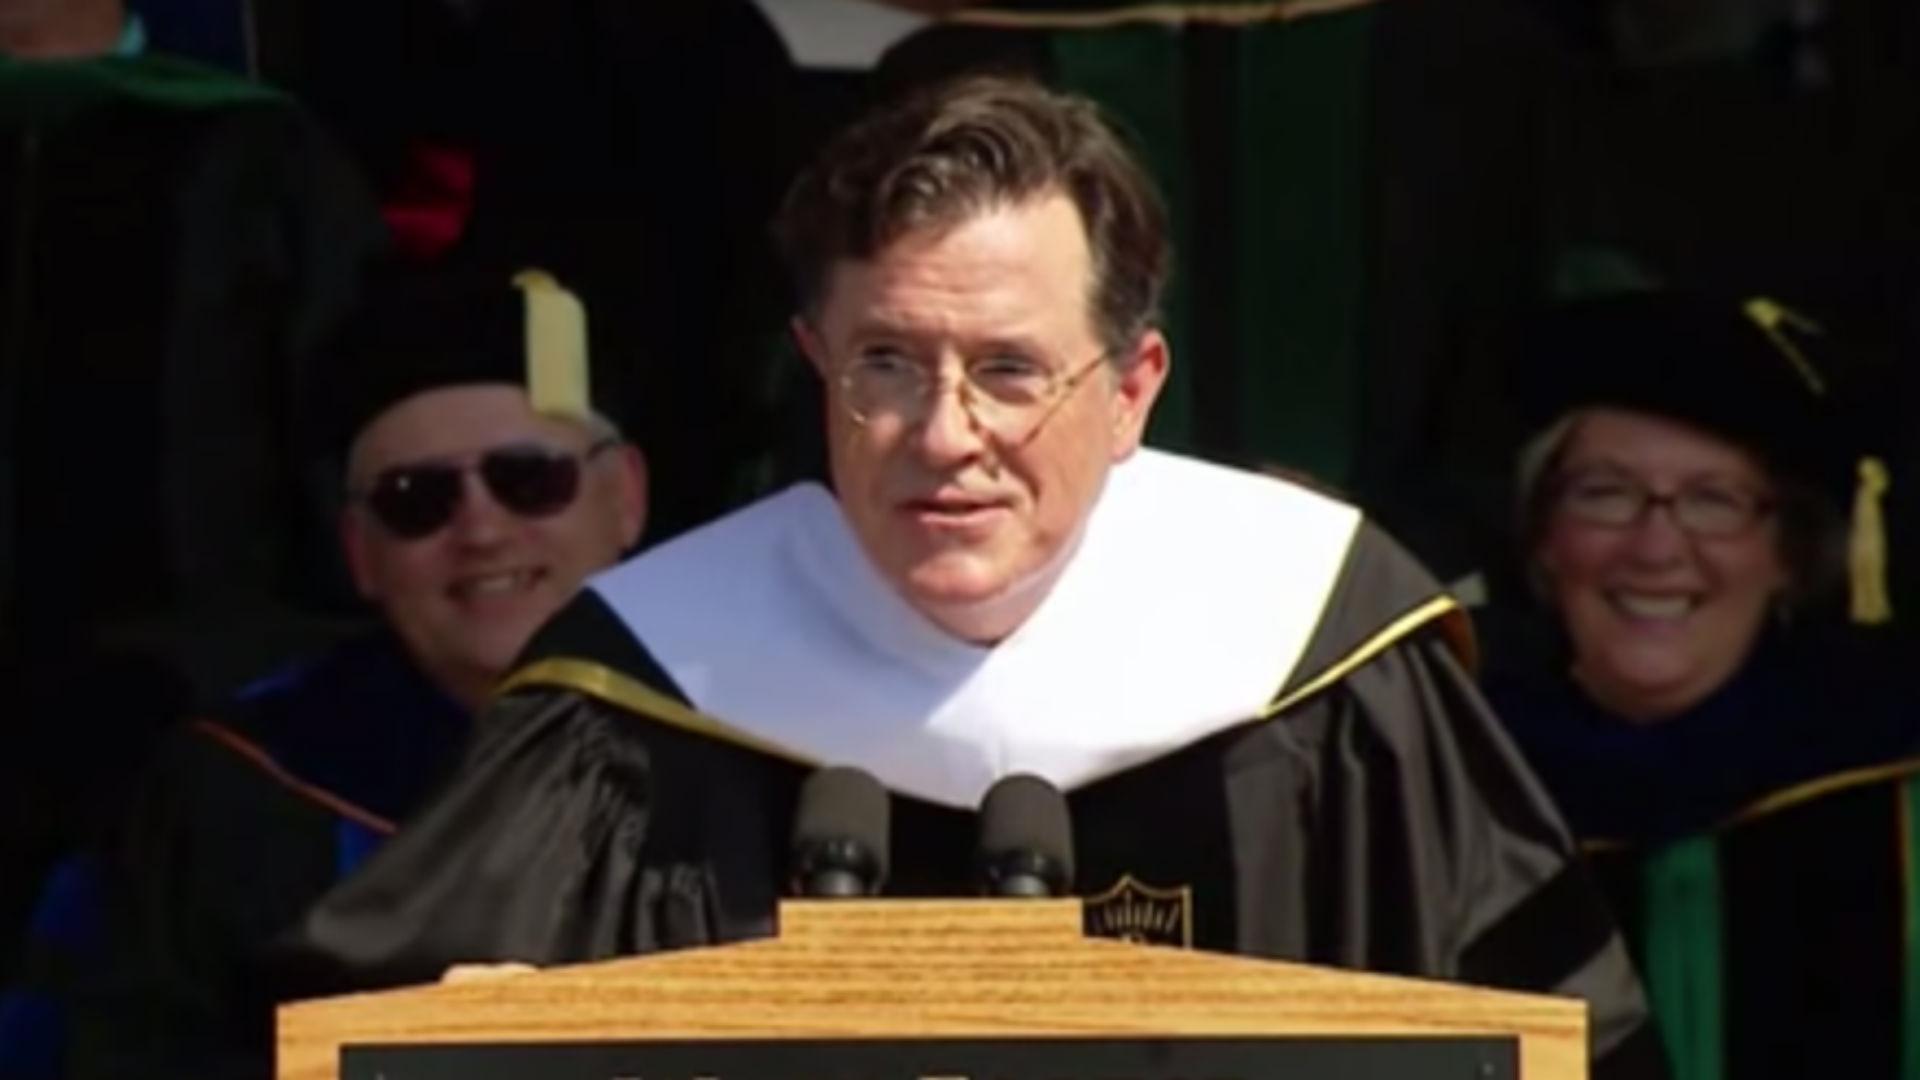 Stephen-Colbert-051915-FTR-CBSN.jpg